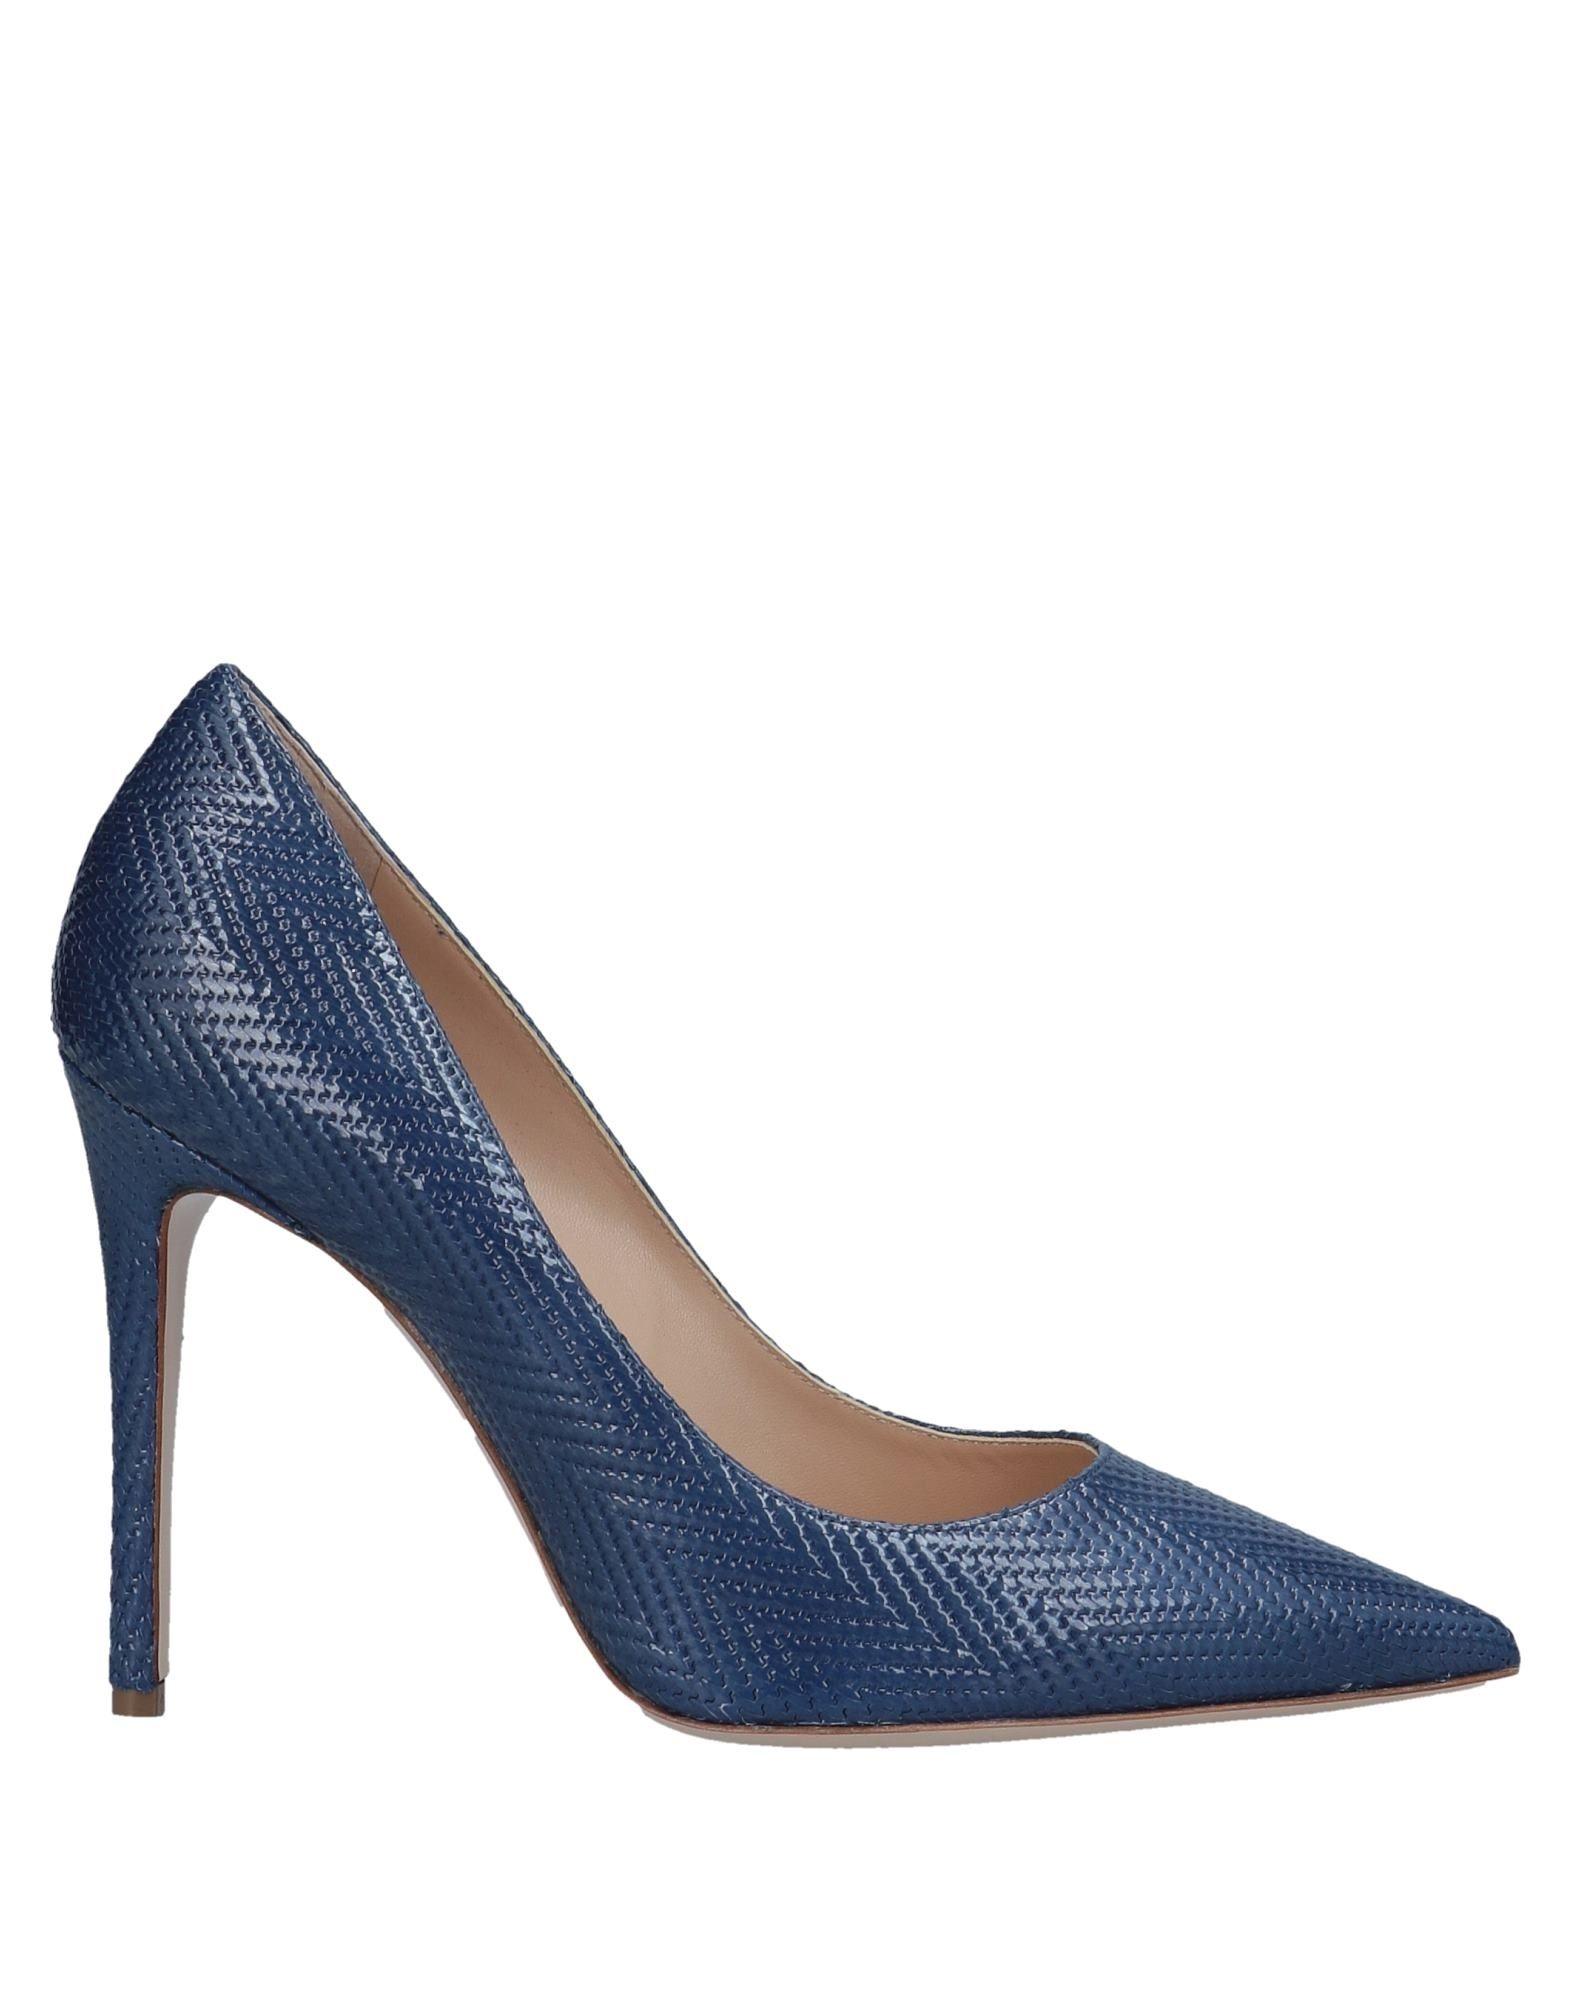 Mocassino Nuove Cuoieria Donna - 11482725PG Nuove Mocassino offerte e scarpe comode 5f61d0